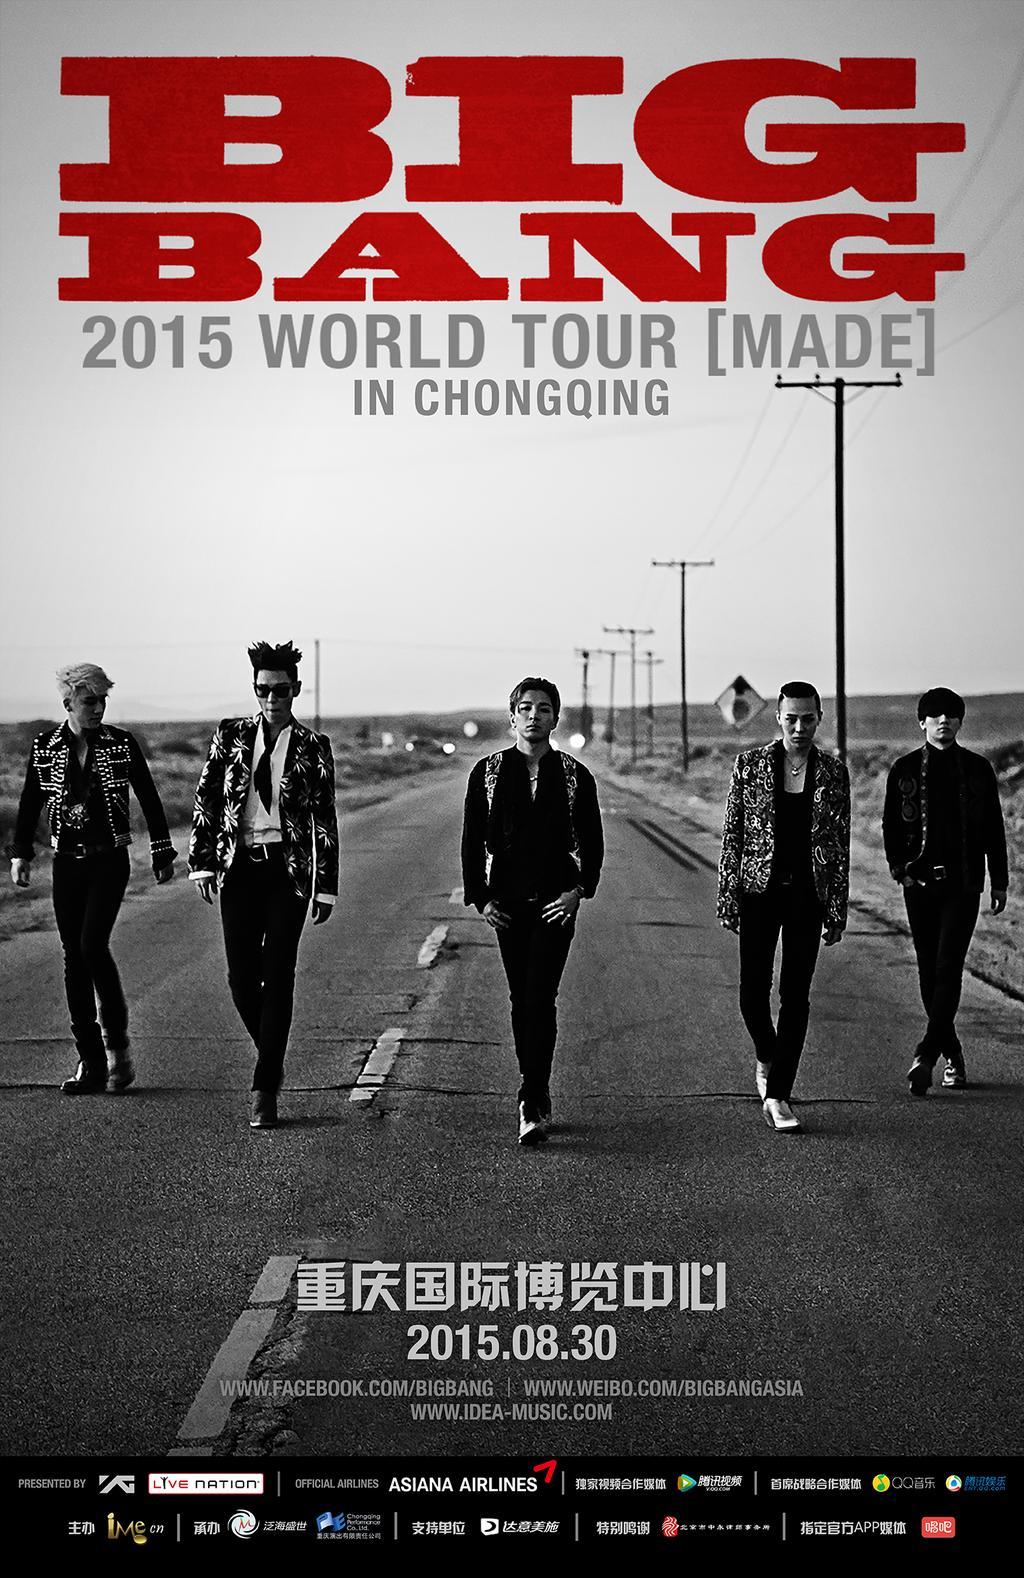 BIGBANG World Tour Chongqing